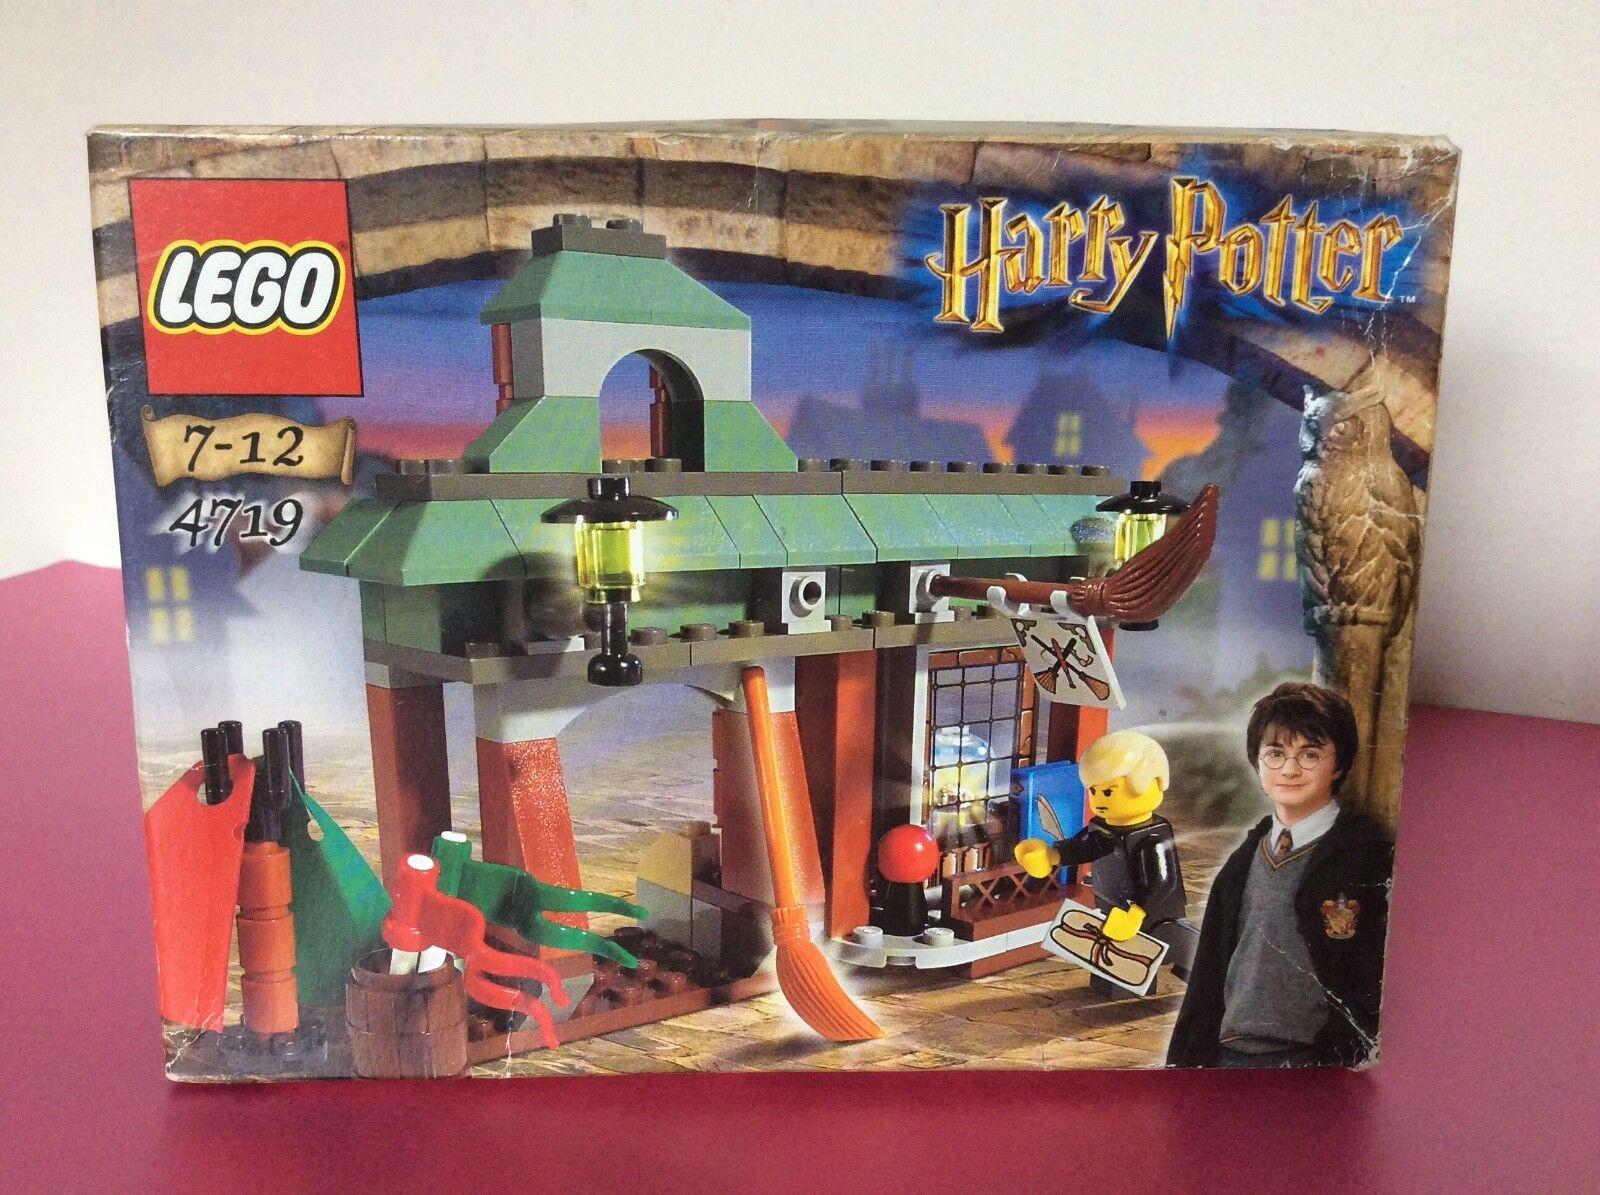 LEGO Harry Potter Quidditch forniture di qualità  4719 - Sigillato Nuovo di Zecca &